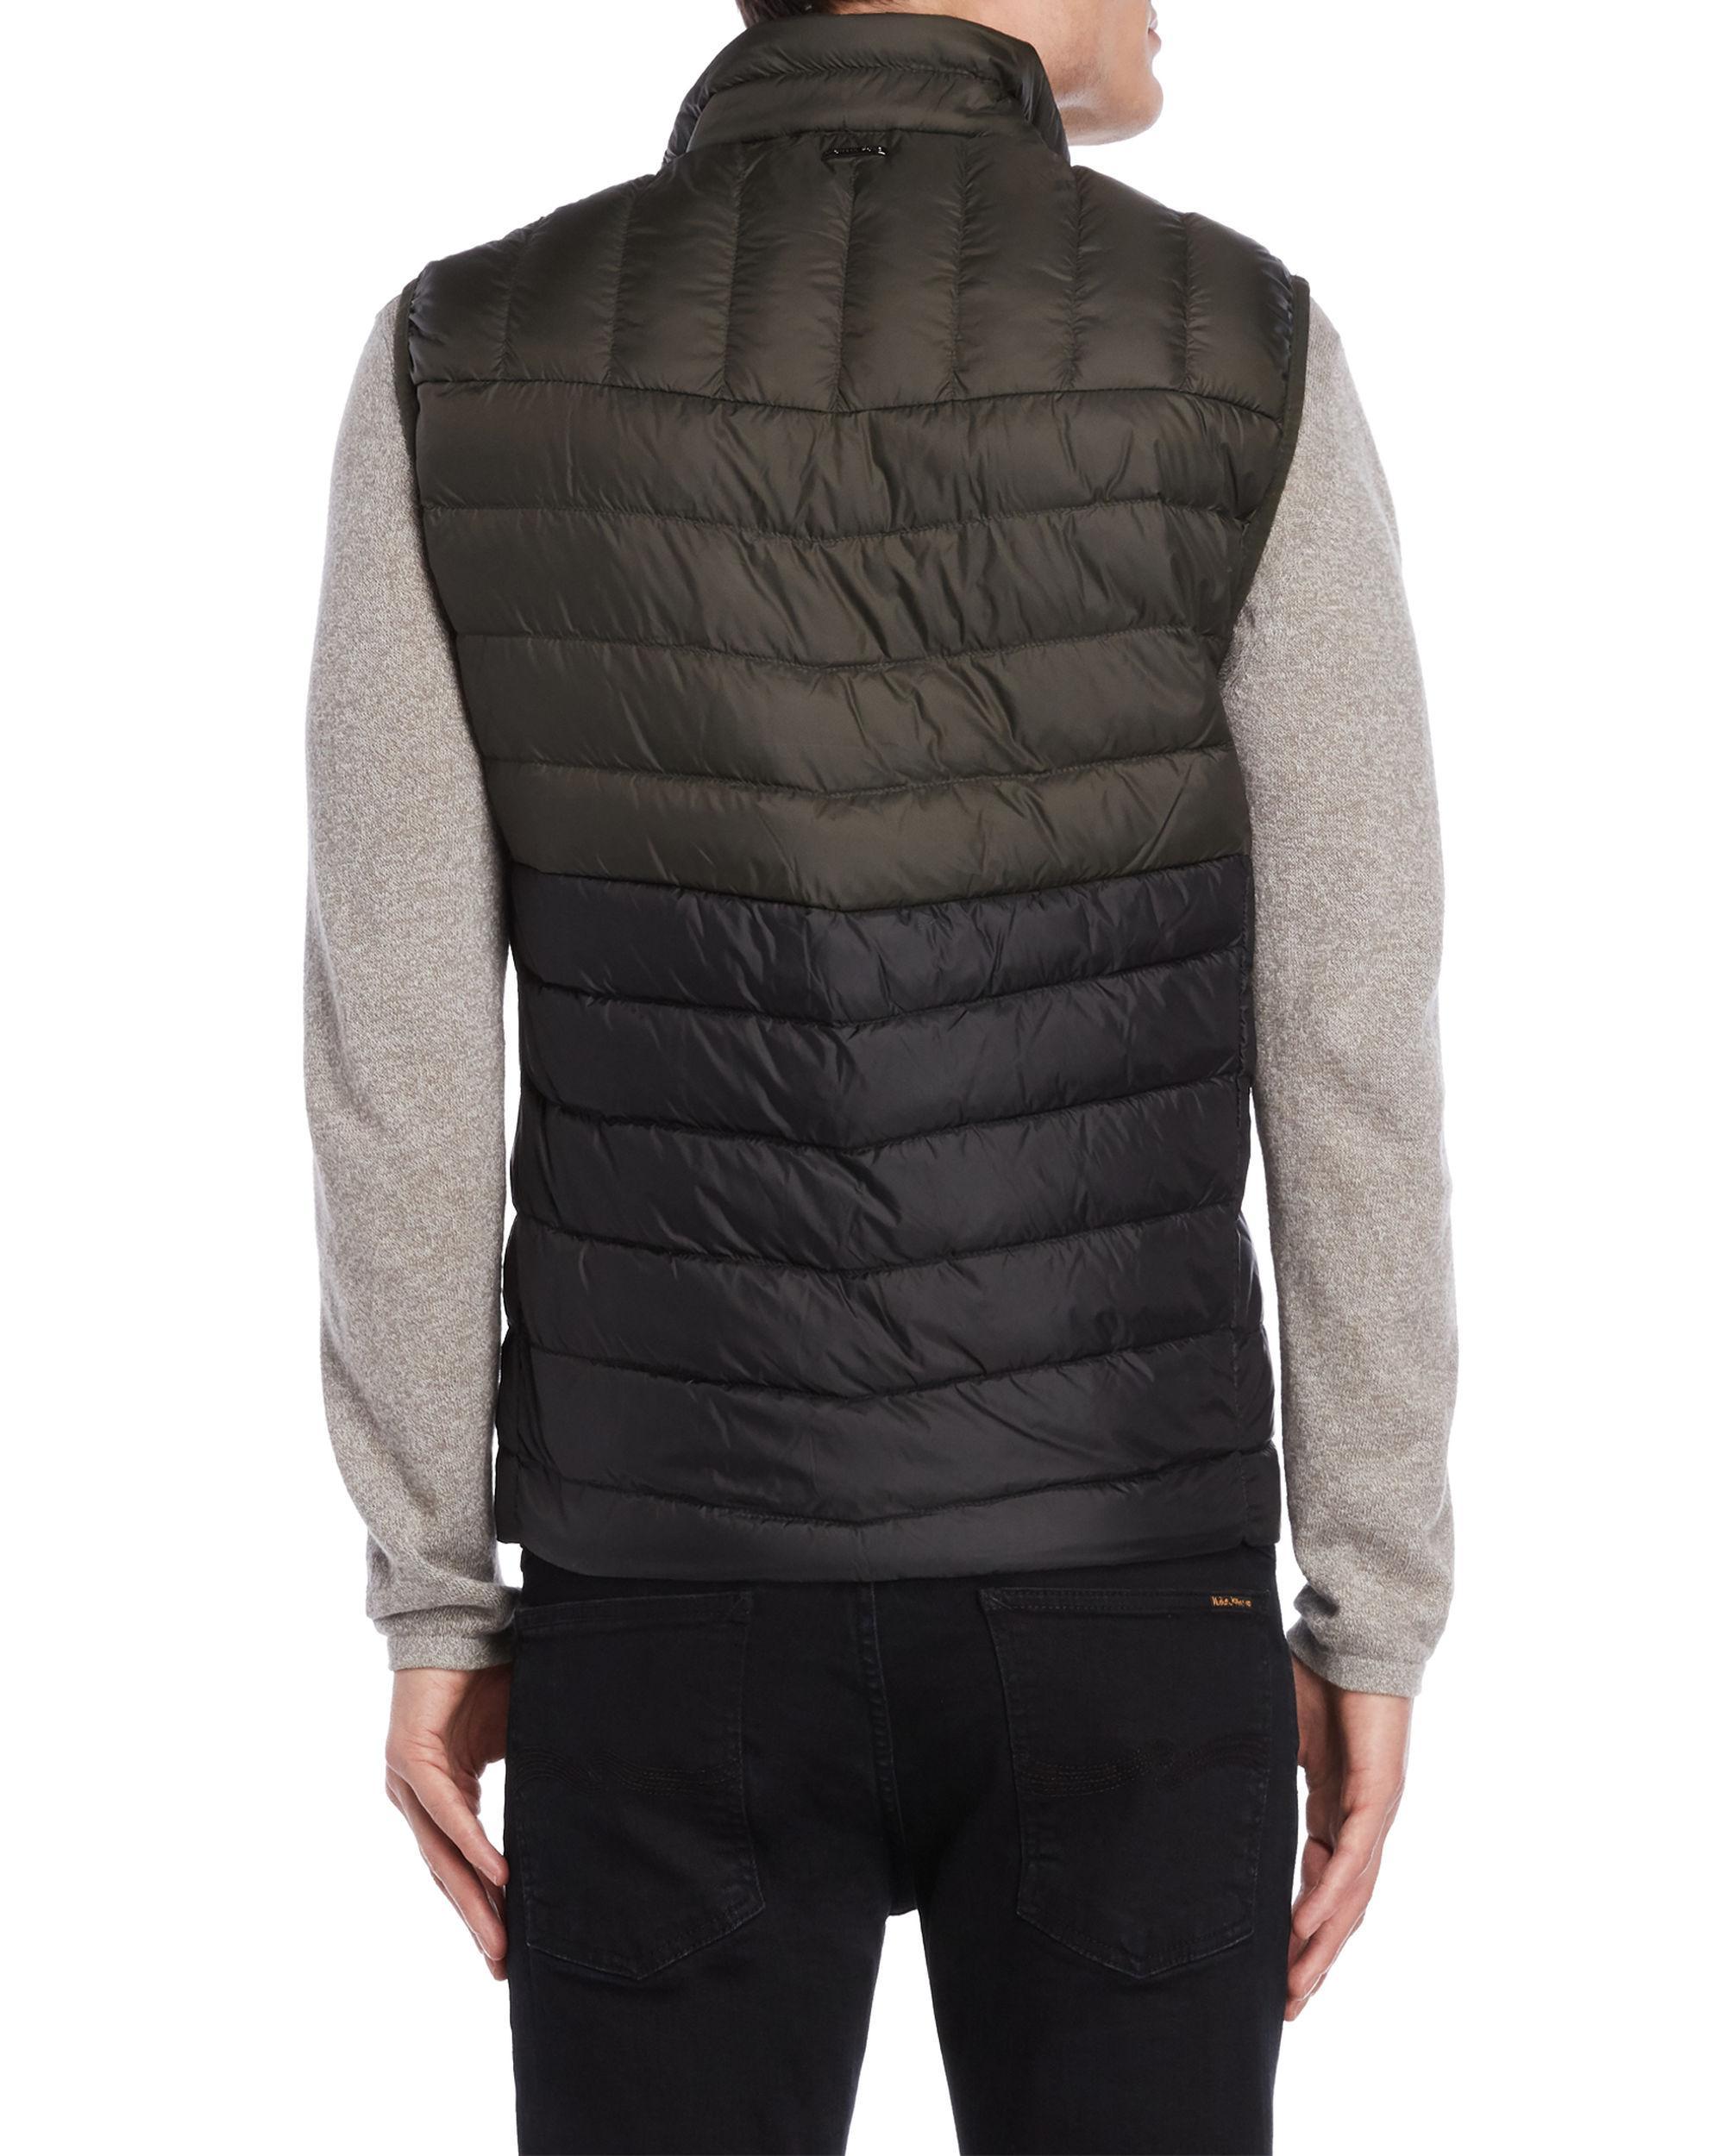 12f706d8b1e93 Lyst - Michael Kors Two-tone Puffer Vest in Black for Men